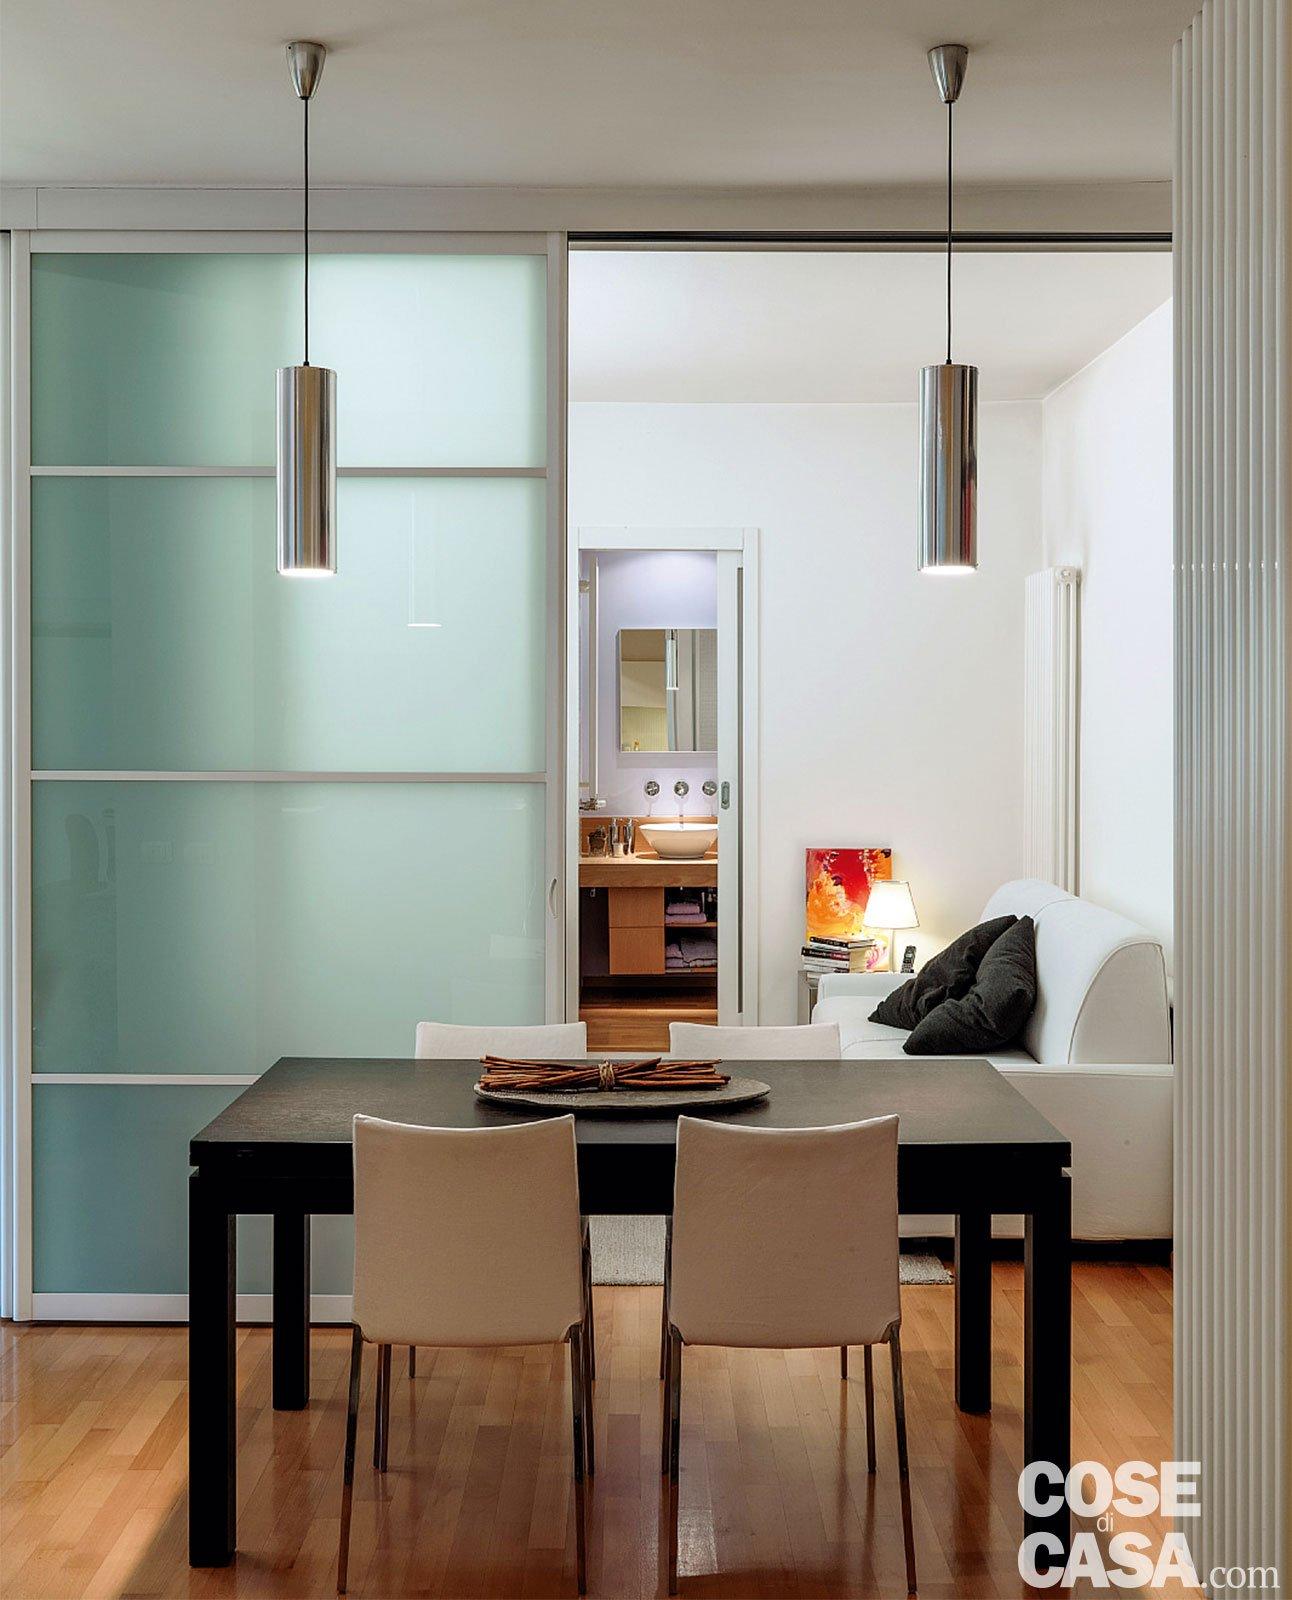 Vetrate scorrevoli dividono gli ambienti nella casa di 85 mq cose di casa - Costo costruzione casa al mq 2016 ...